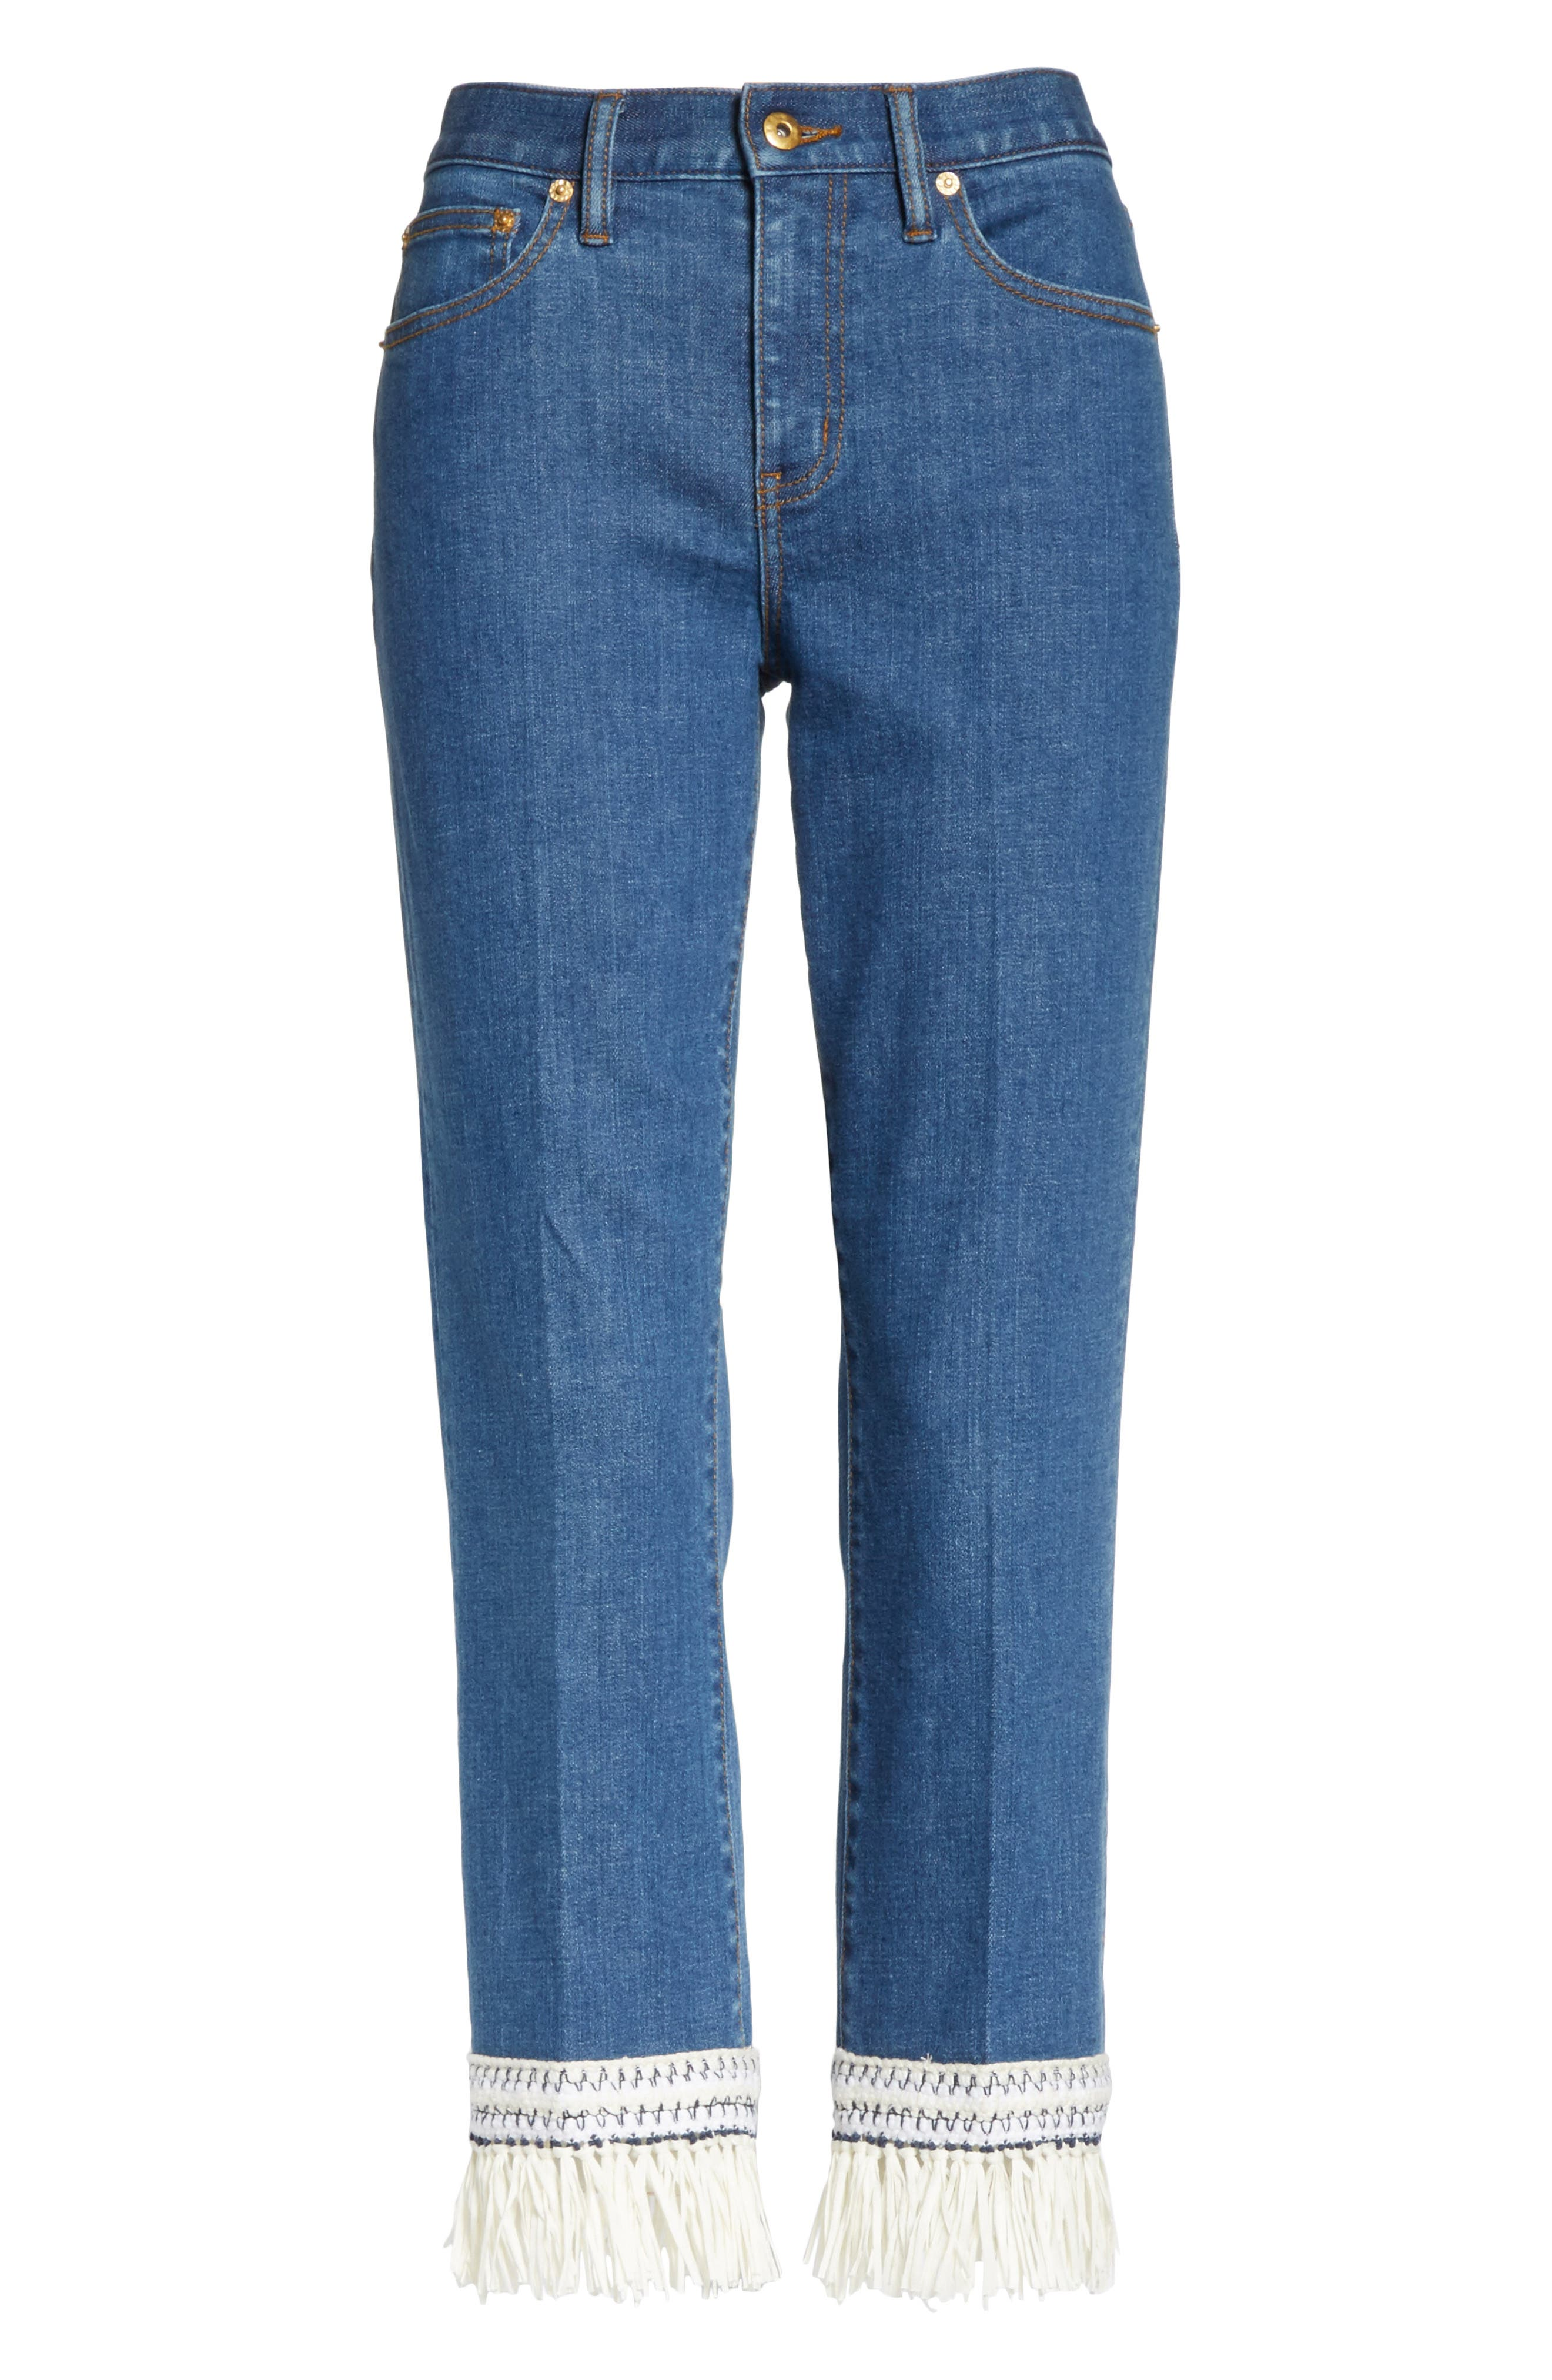 Connor Fringe Trim Crop Jeans,                             Alternate thumbnail 6, color,